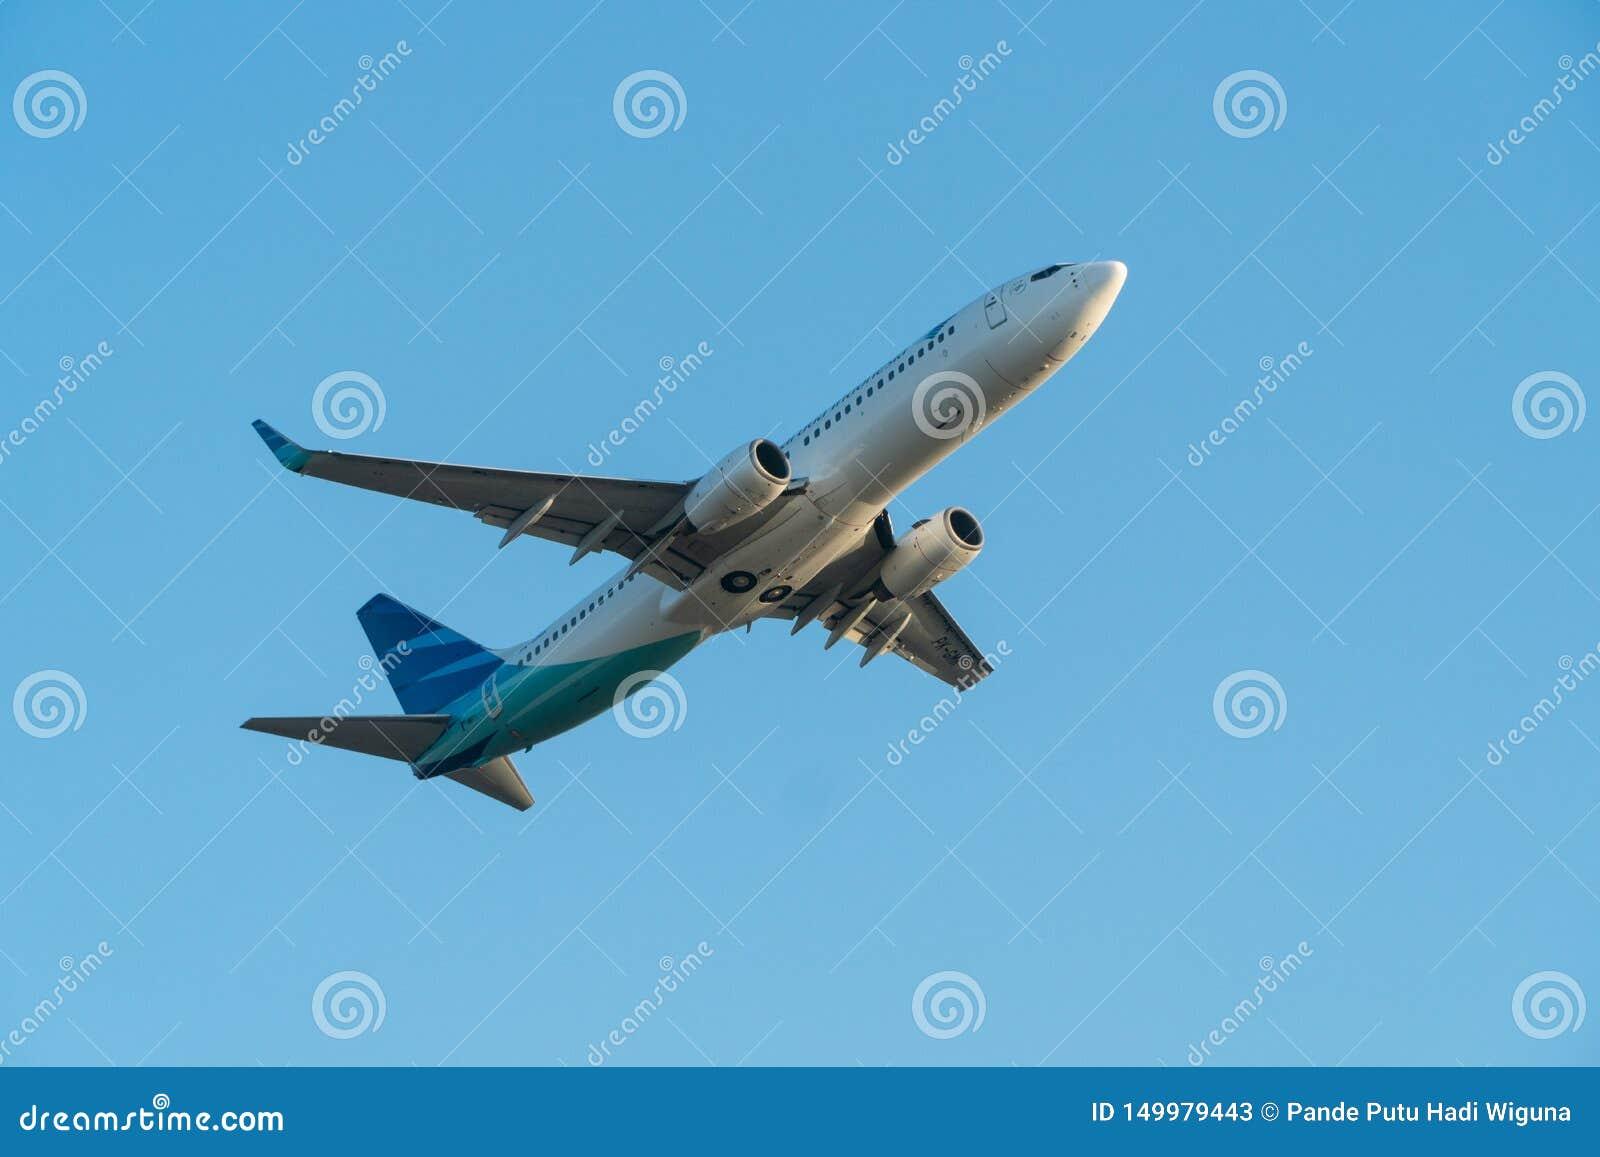 BALI/INDONESIA-JUNE 06 2019: Garuda Indonesia ett av flygbolagen i Indonesien, som sammanfogar himmellaget, flyger över blåtten